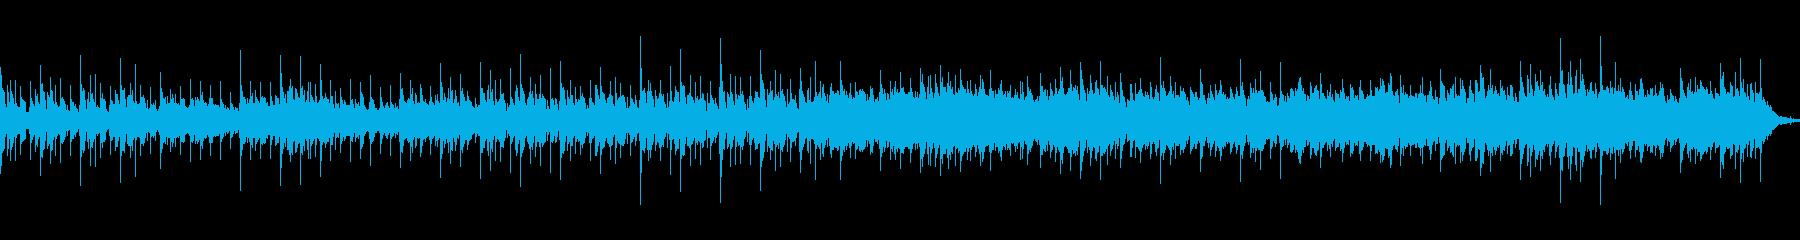 おしゃれでコミカルなリズムのメロディーの再生済みの波形